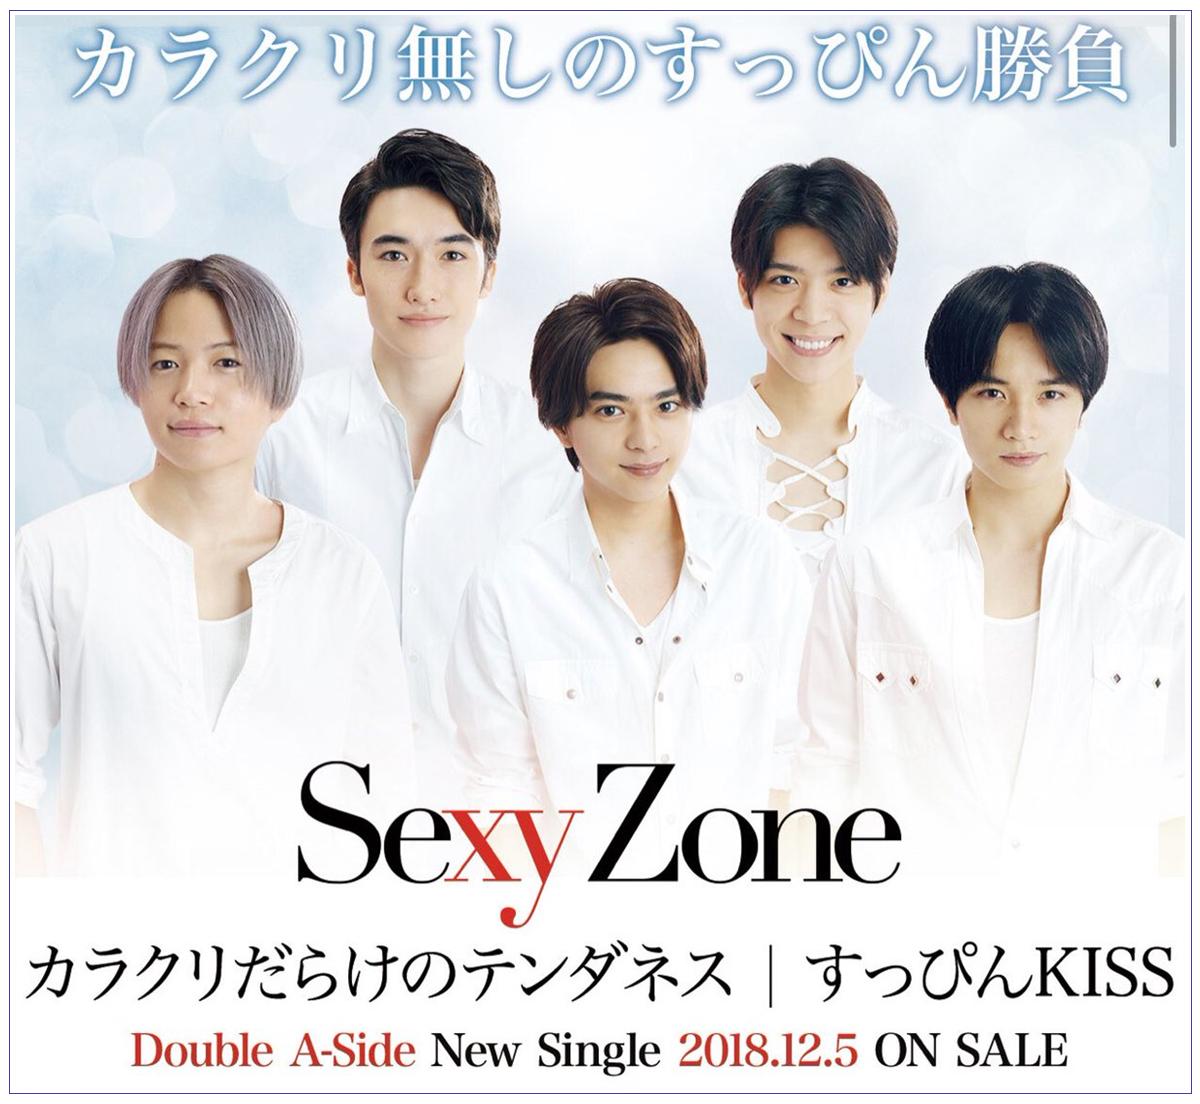 2018년 12/7일자 주간 오리콘 차트(SINGLE 부문)